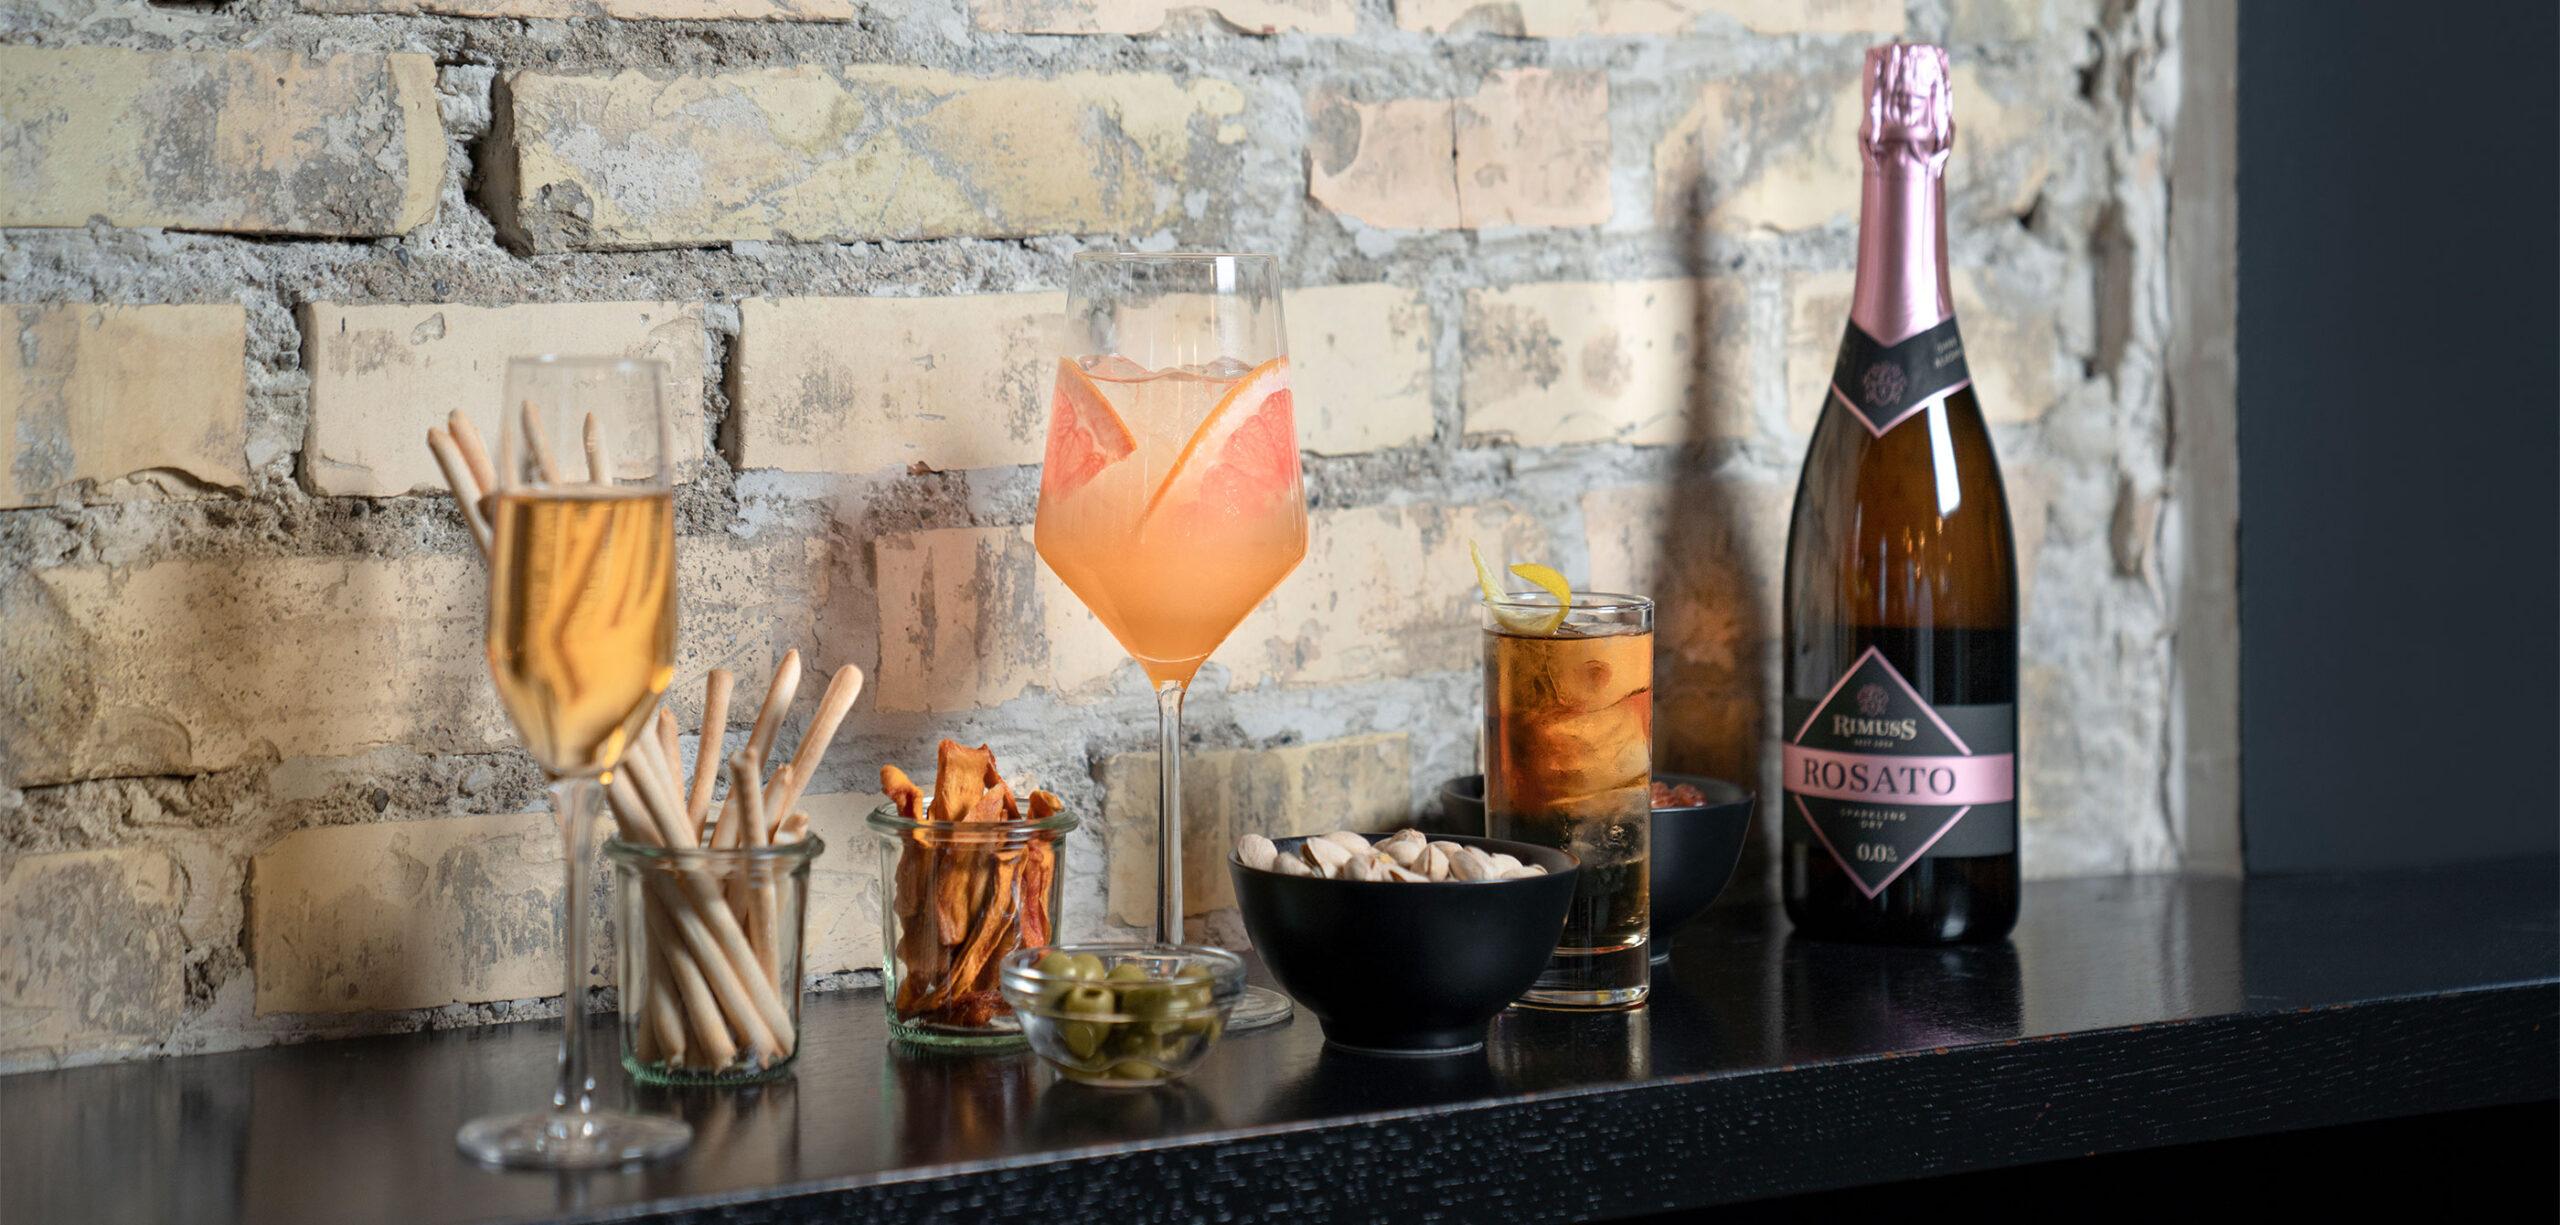 Coole Mocktails und alkoholfreie Drinks auf einer Bar mit Rimuss Rosato Dry